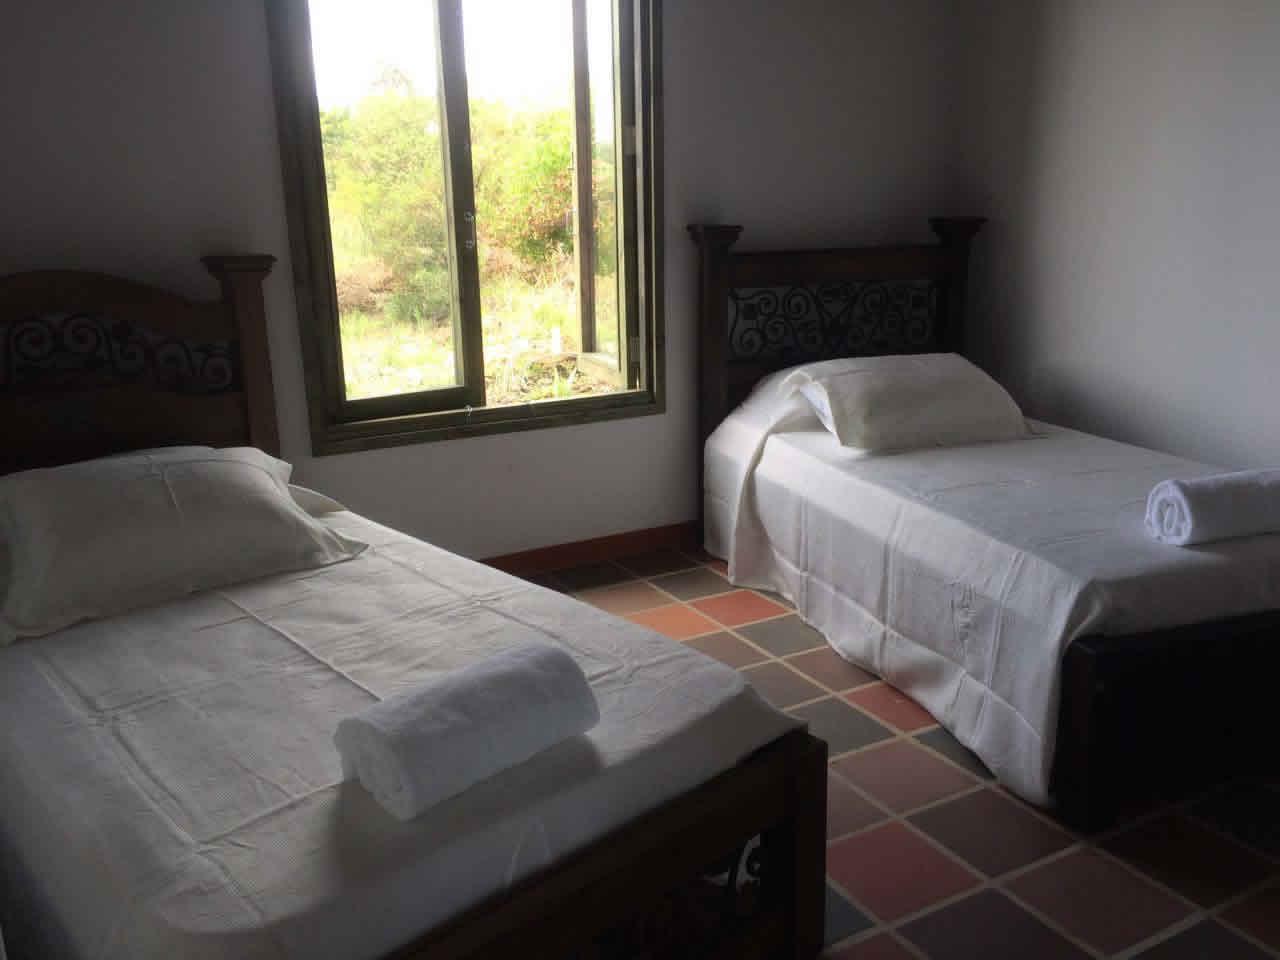 Alquiler casa Jishana Villa de Leyva - Habitación 2